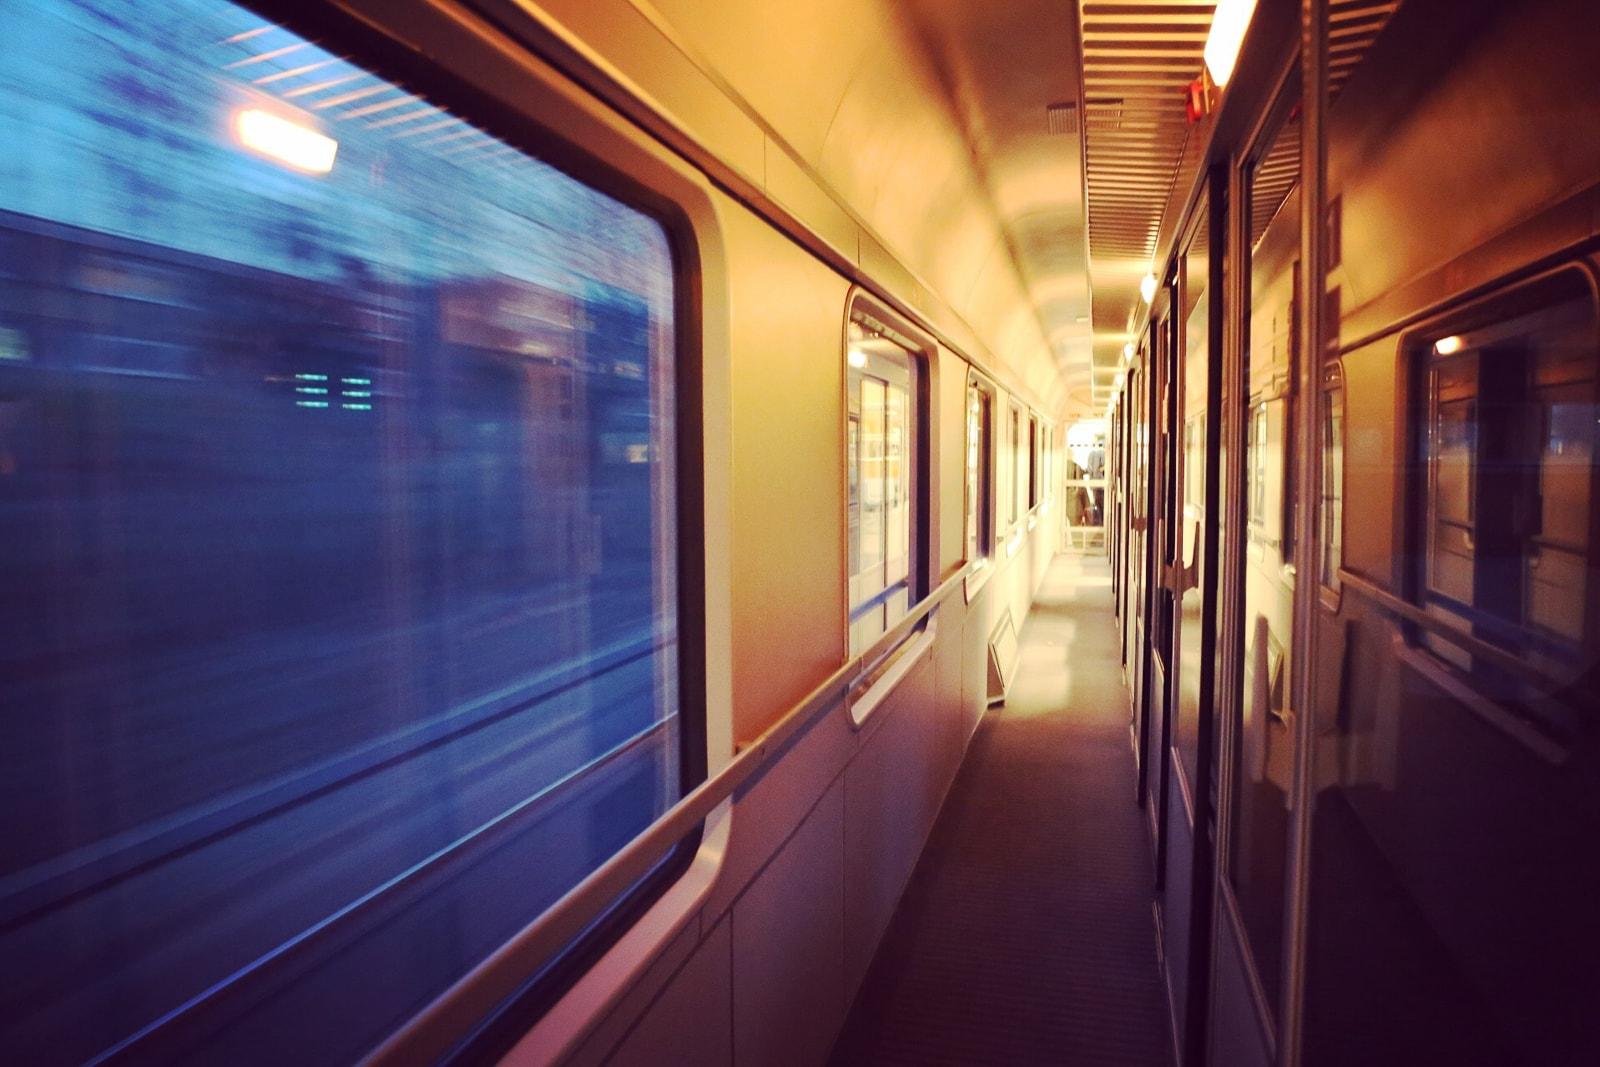 Nachtzug 2020: Alle Infos zum Fahrplanwechsel am 15. Dezember 2019